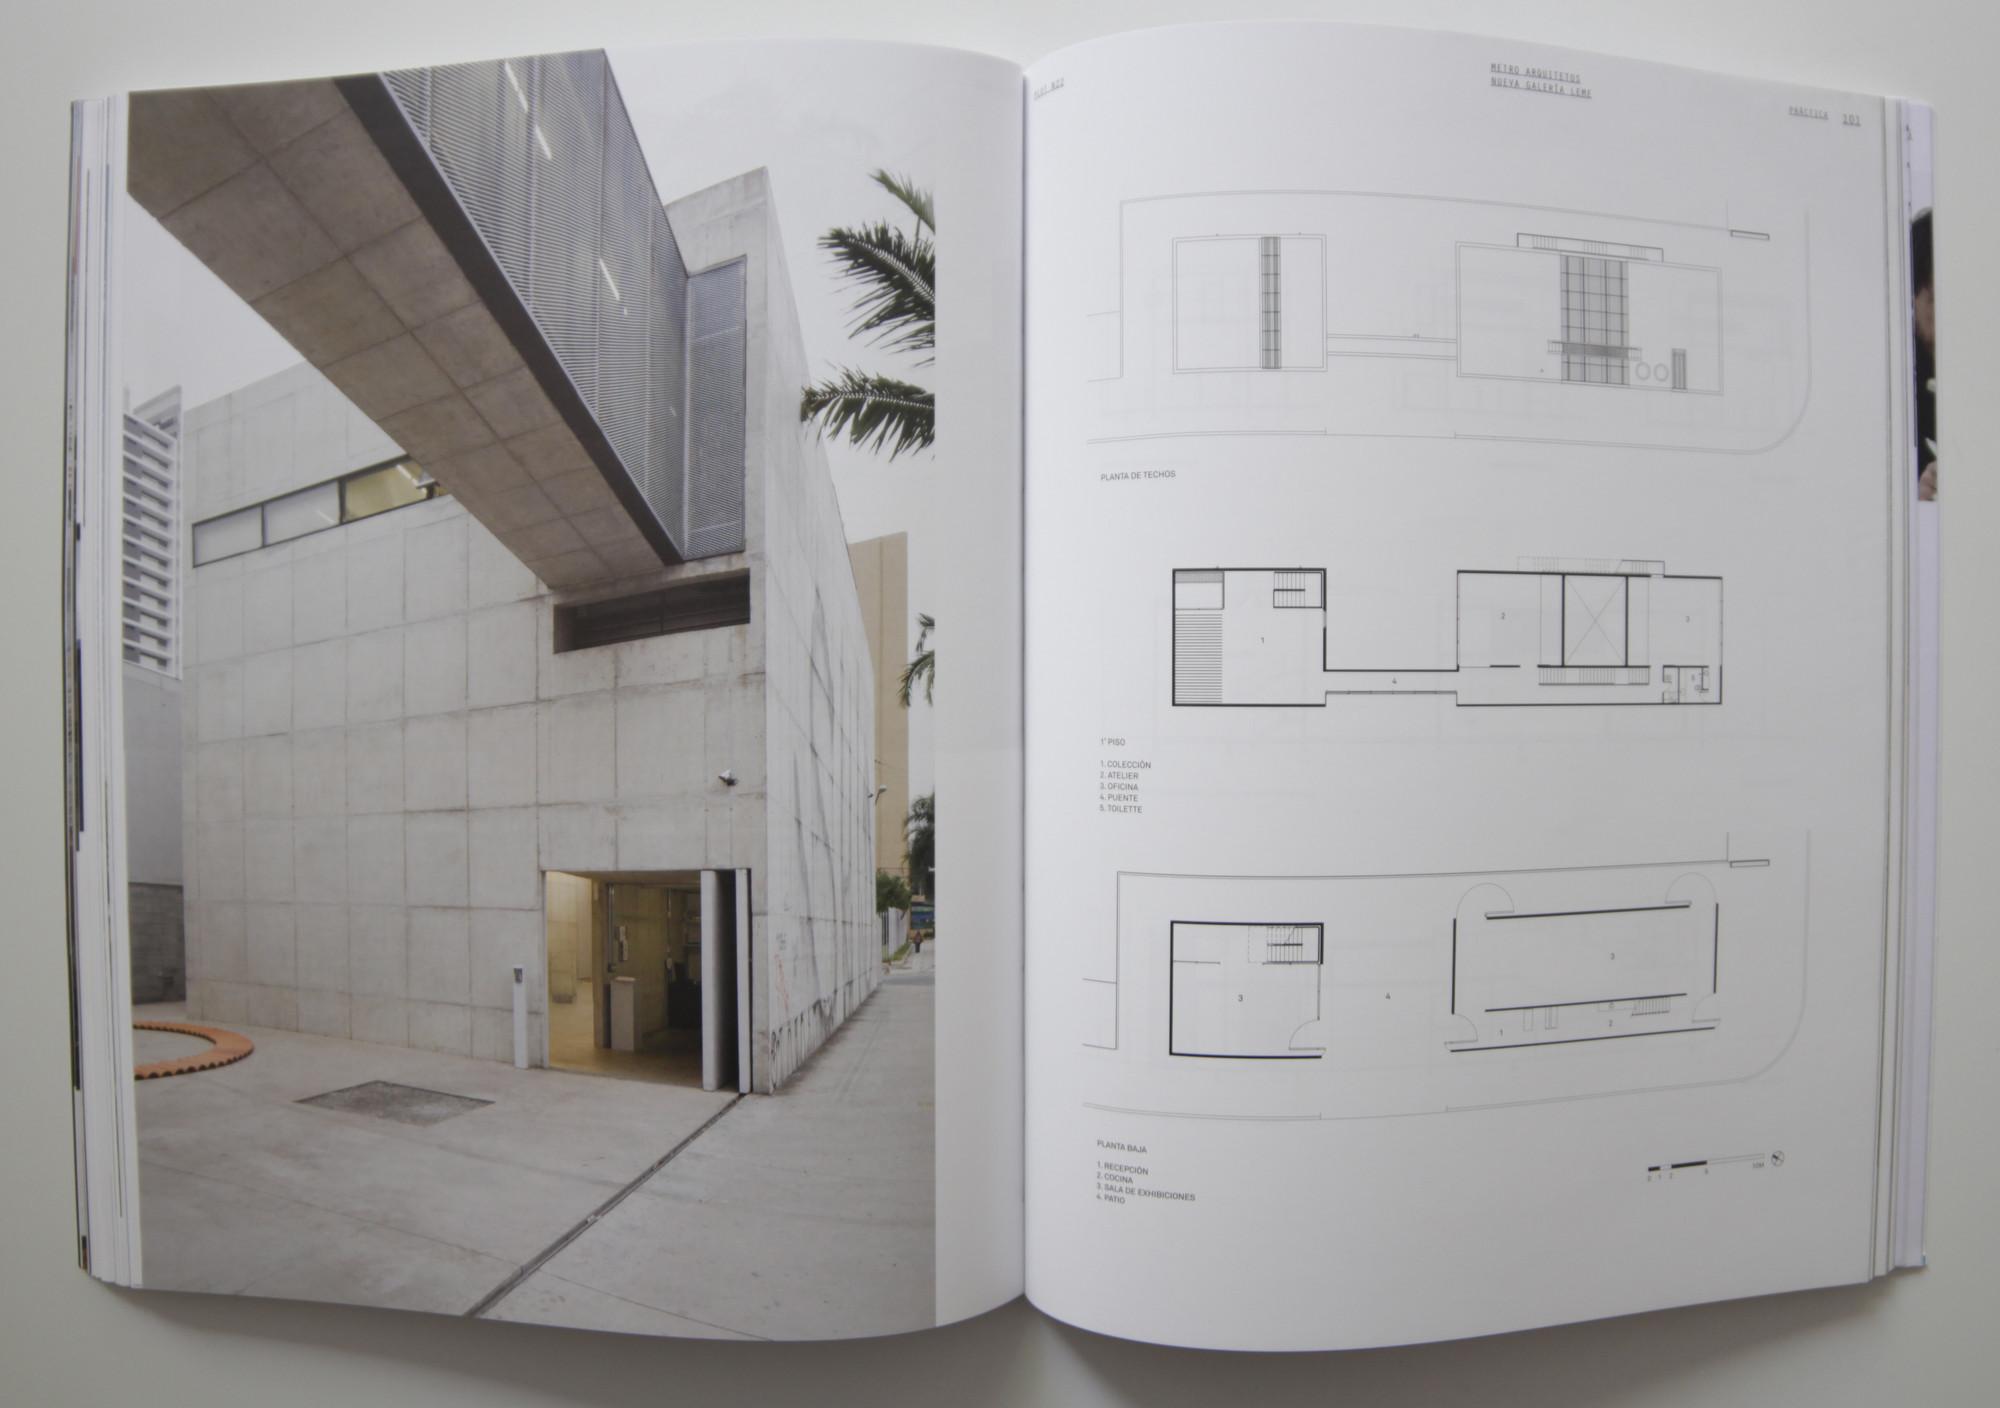 Nueva galería Leme, Metro arquitetos. Image Cortesia de PLOT